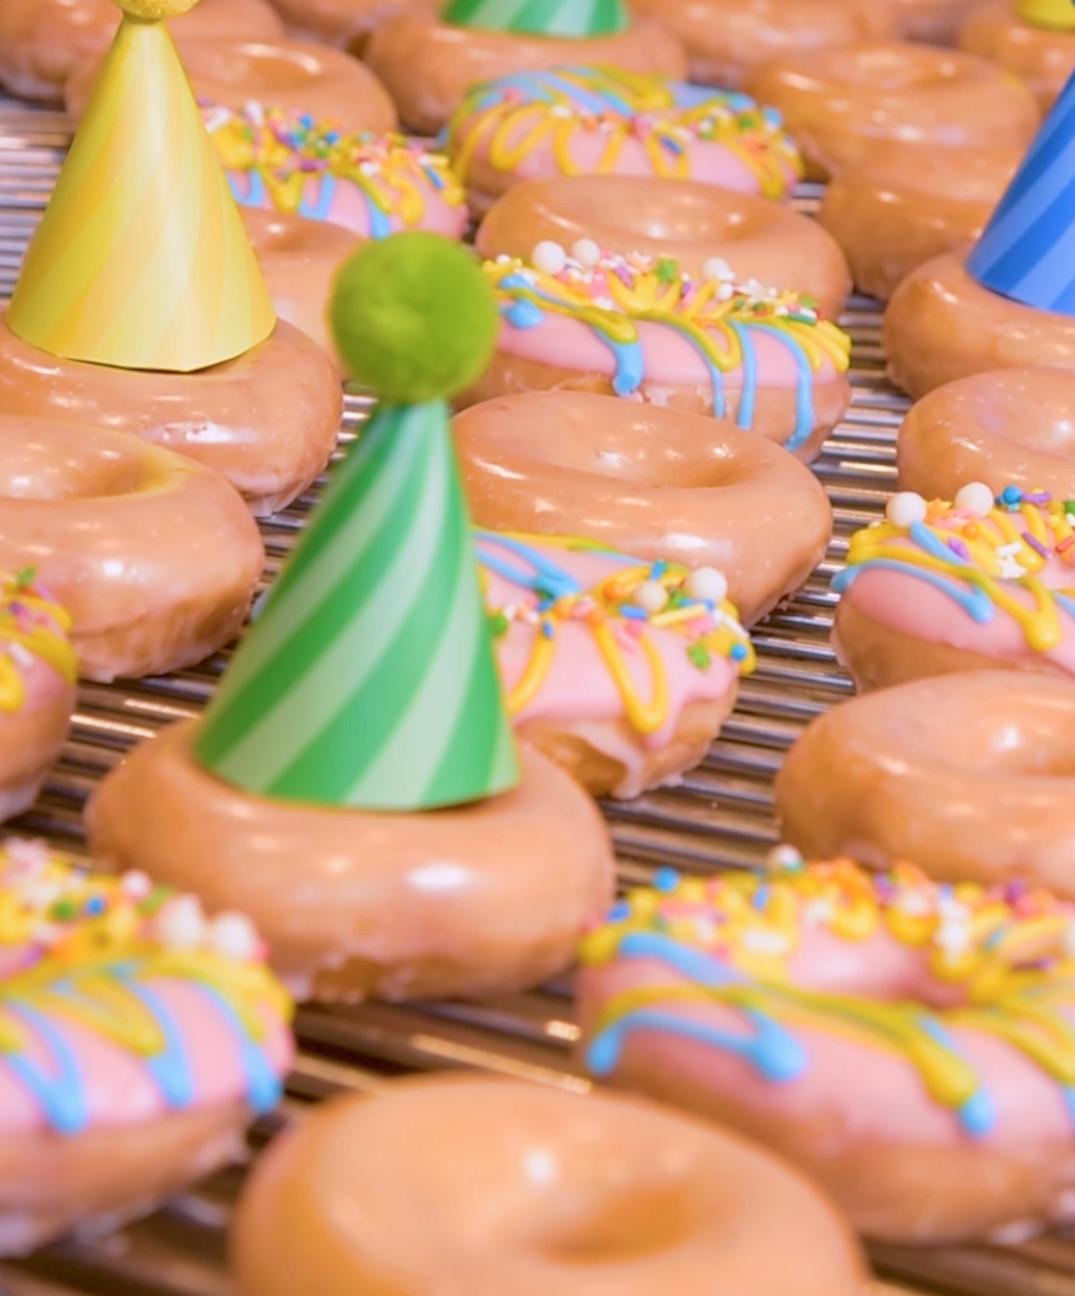 birthday doughnuts courtesy of krispy kreme